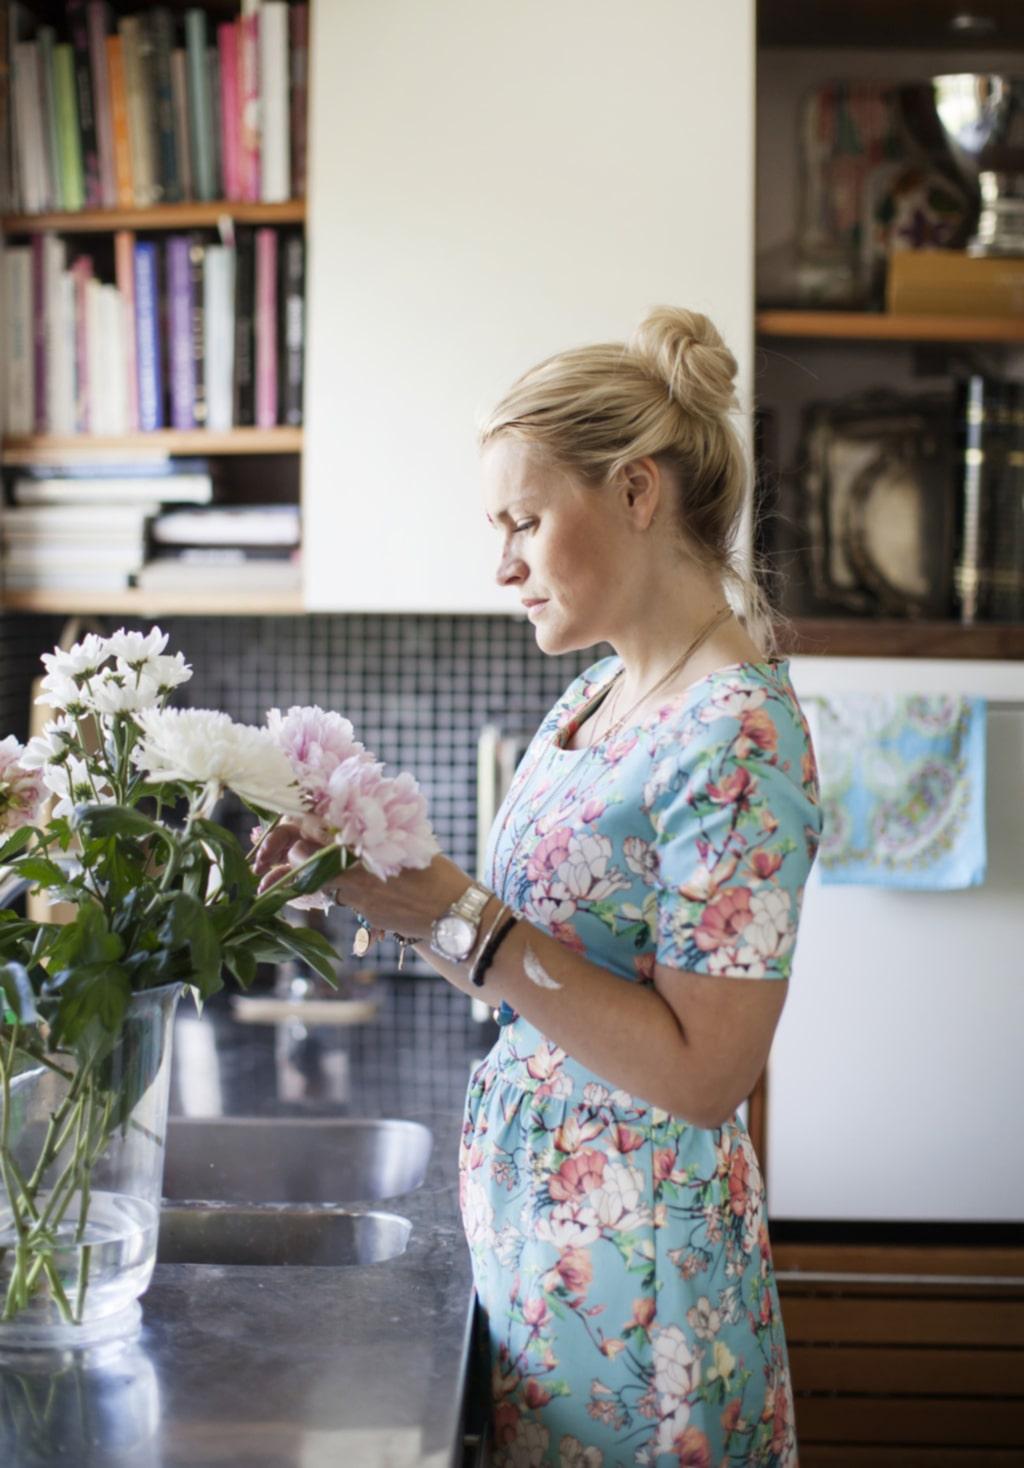 40-talshus. Emilia ordnar blommorna i köket i en vas från Day.